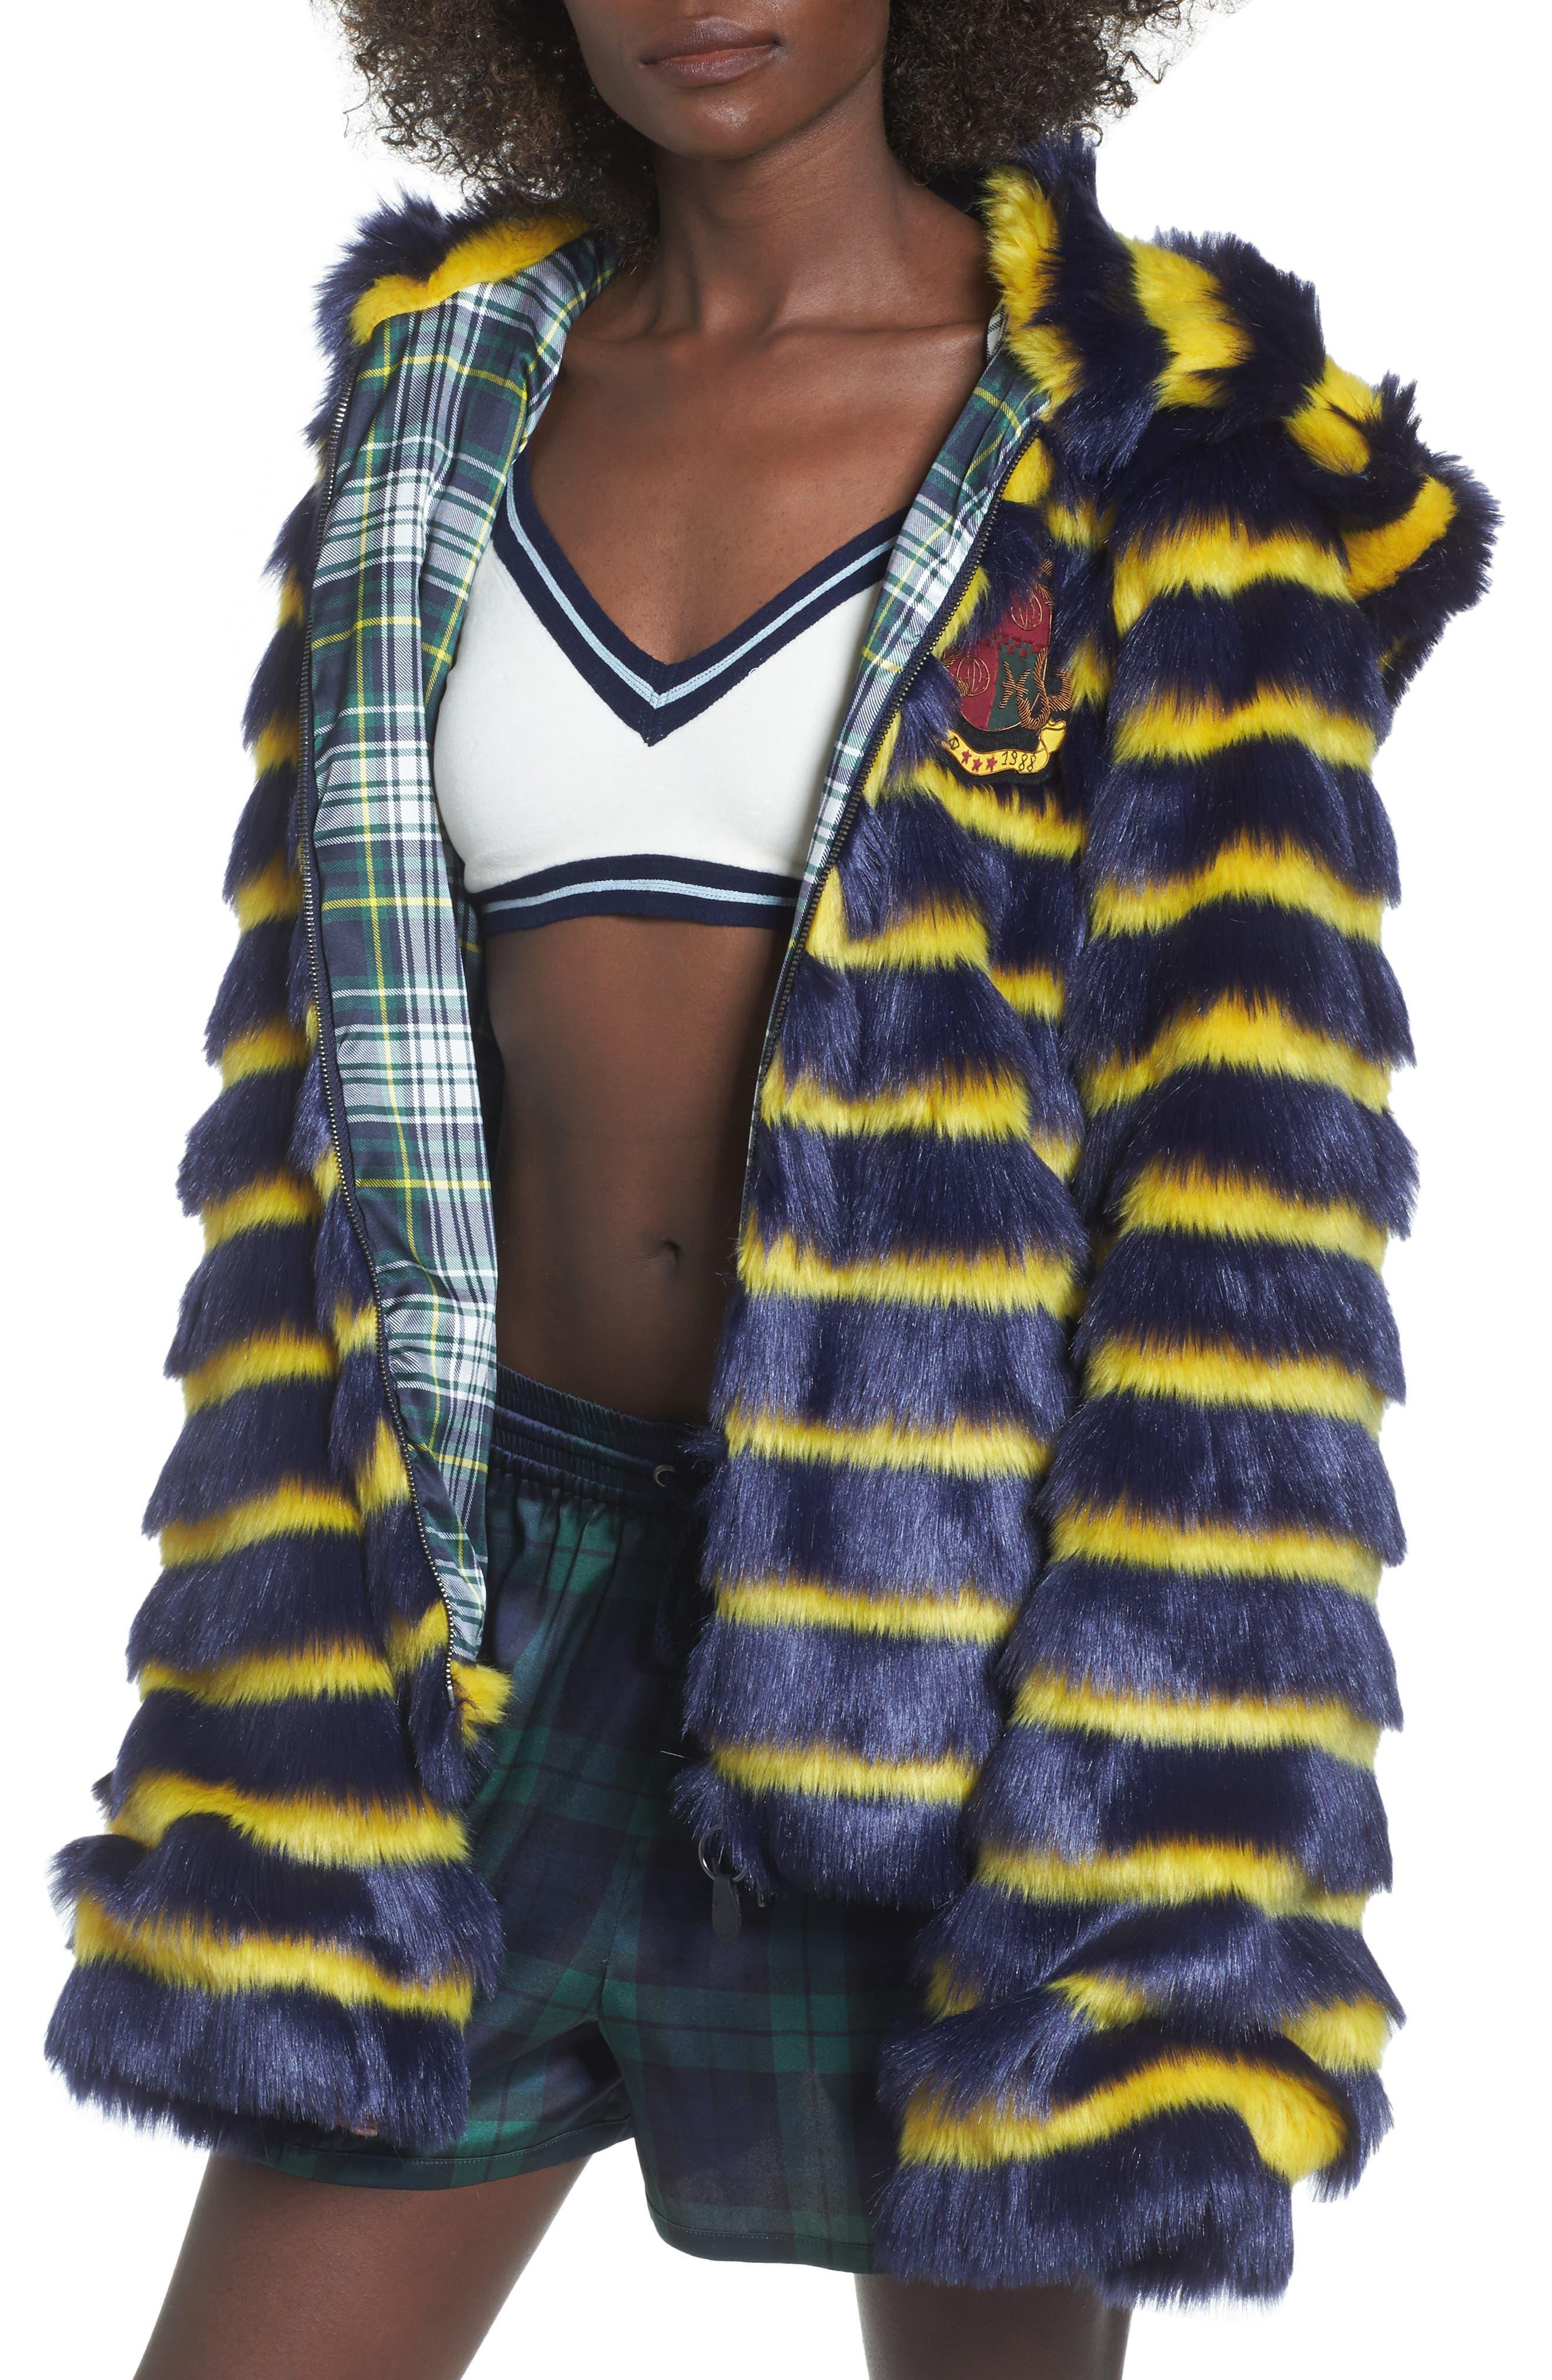 Main Image - FENTY PUMA by Rihanna Faux Shearling Hooded Jacket